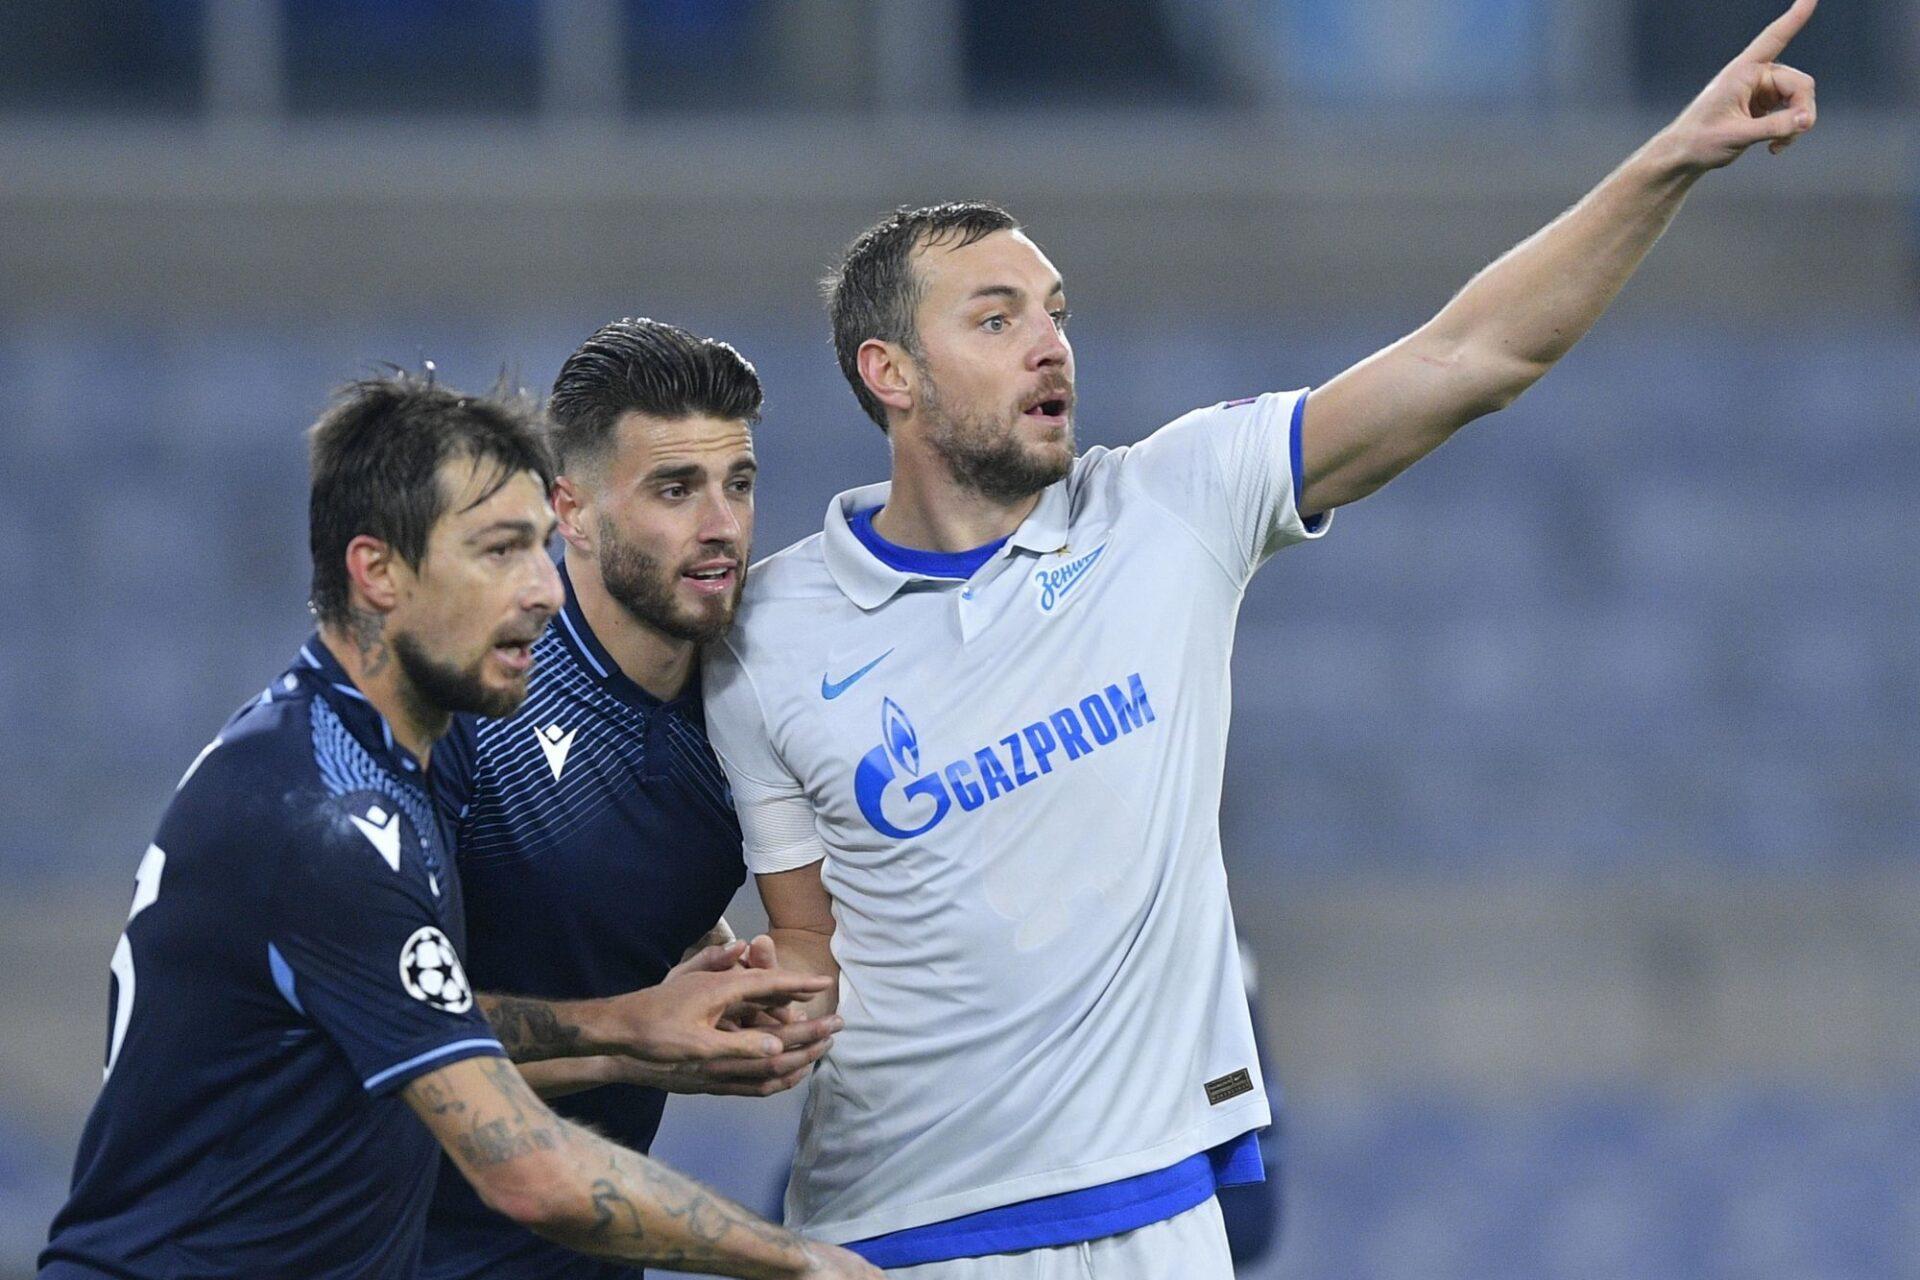 Des joueurs de la Lazio encerclent Artem Dzuba, l'attaquant du Zénith, lors du match de Ligue des champions entre les deux équipes en novembre dernier. Icon Sport